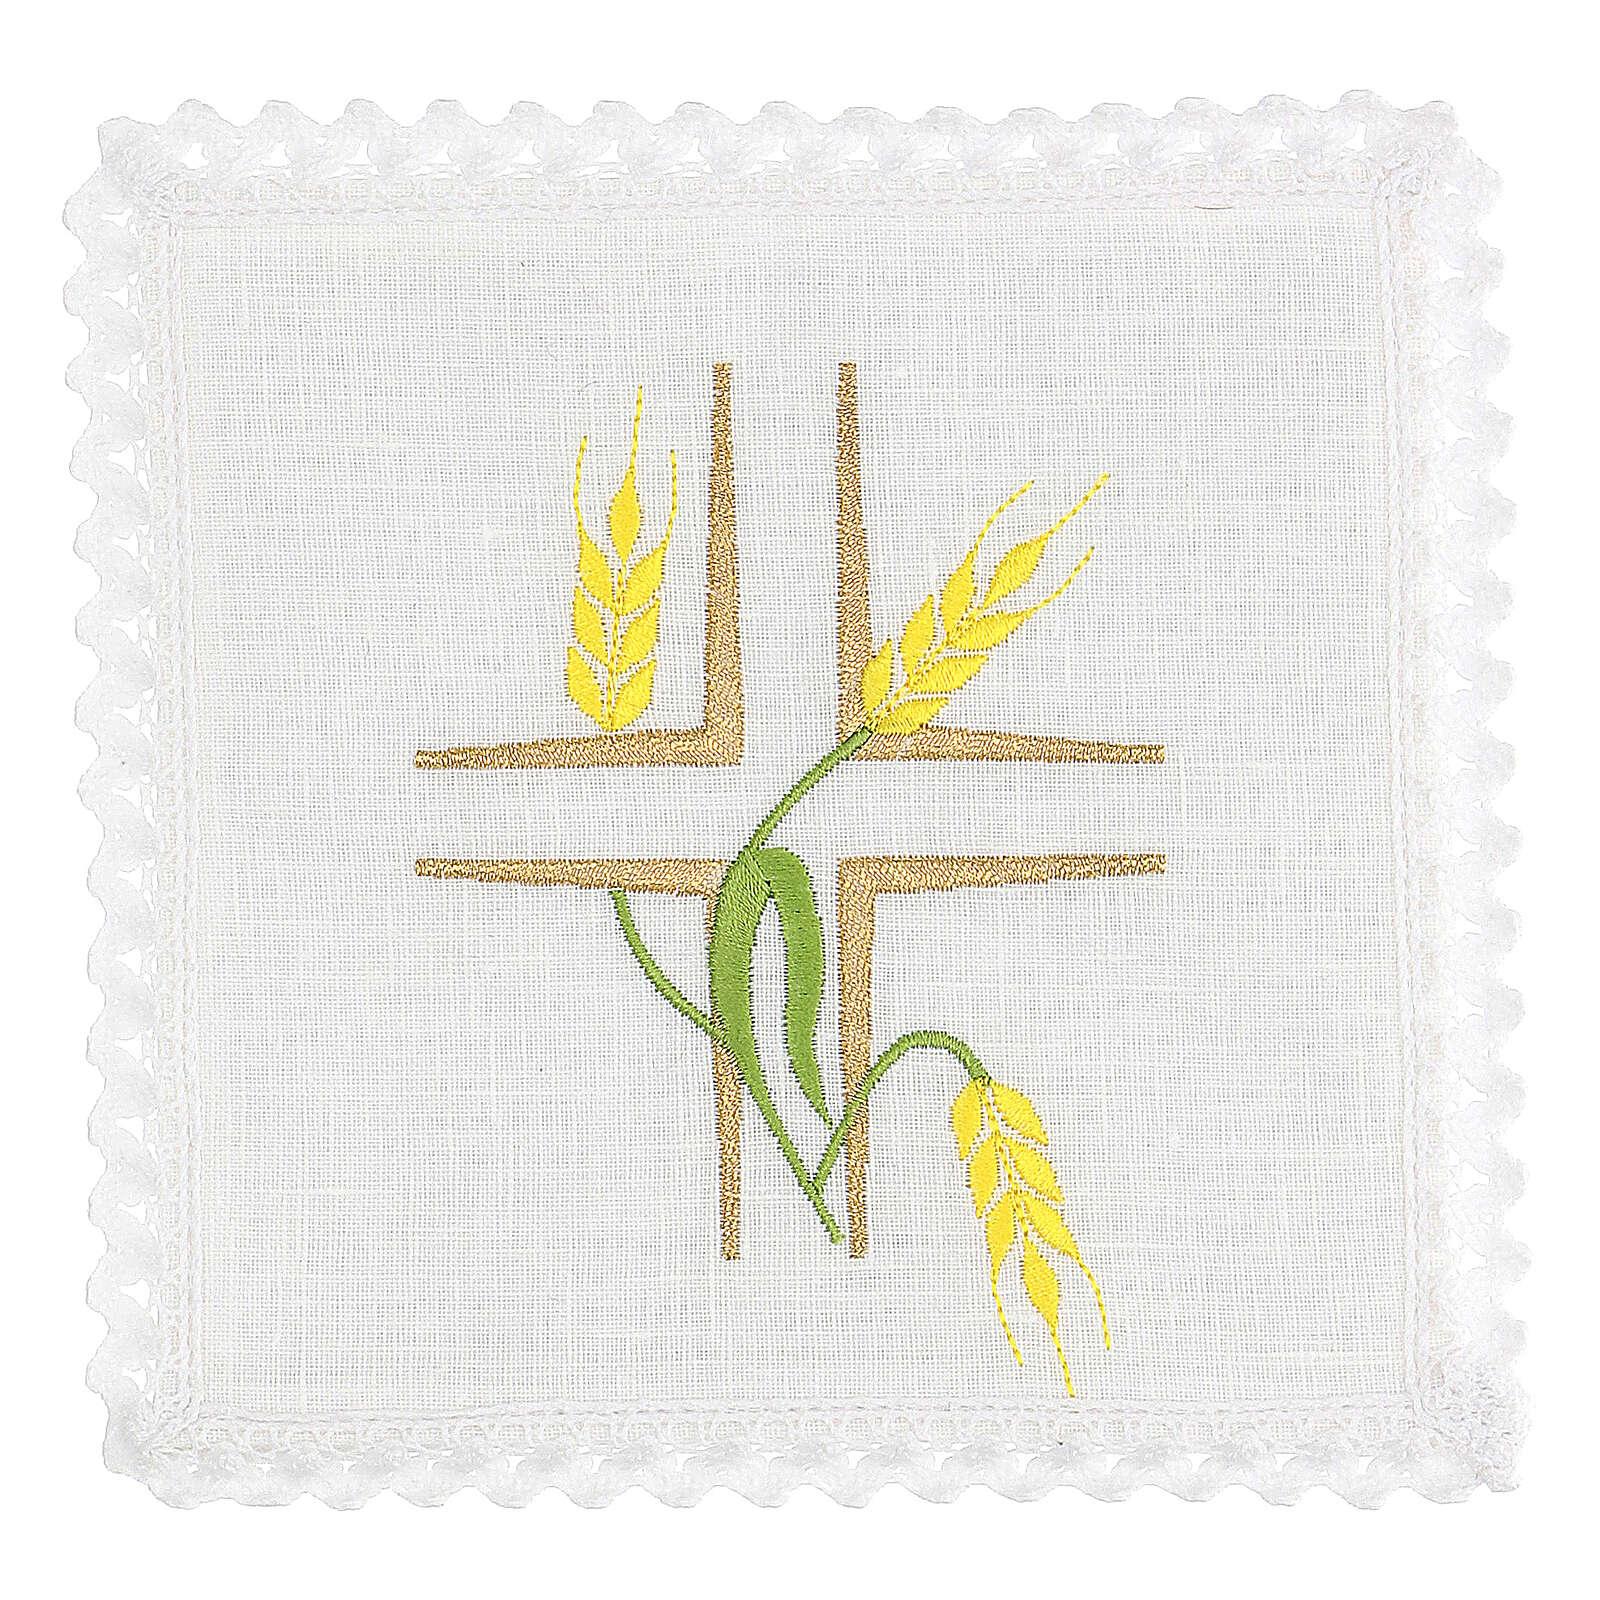 Bielizna kielichowa len kłosy żółte i łodygi zielone 4